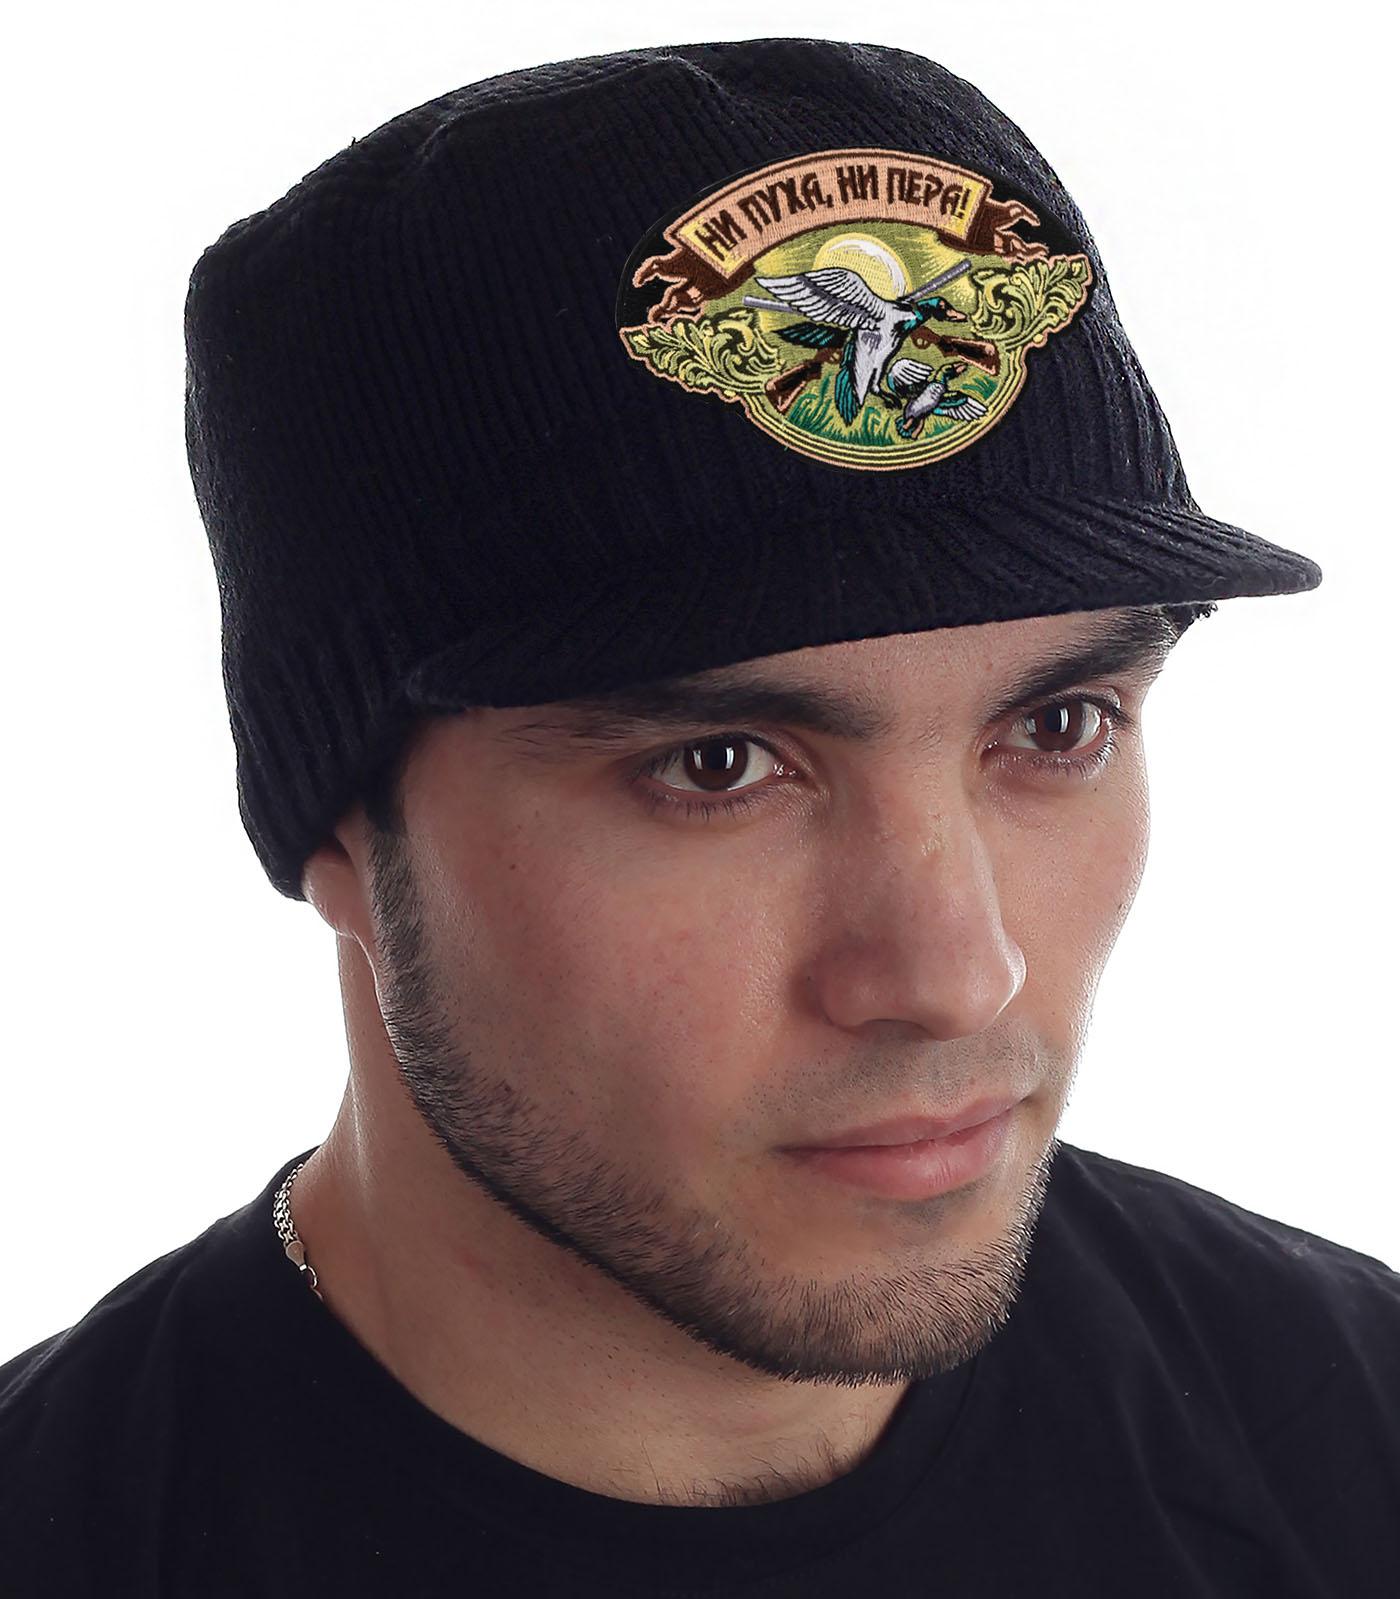 Купить Теплую мужскую кепку от бренда Miller Way с удобной доставкой в ваш город